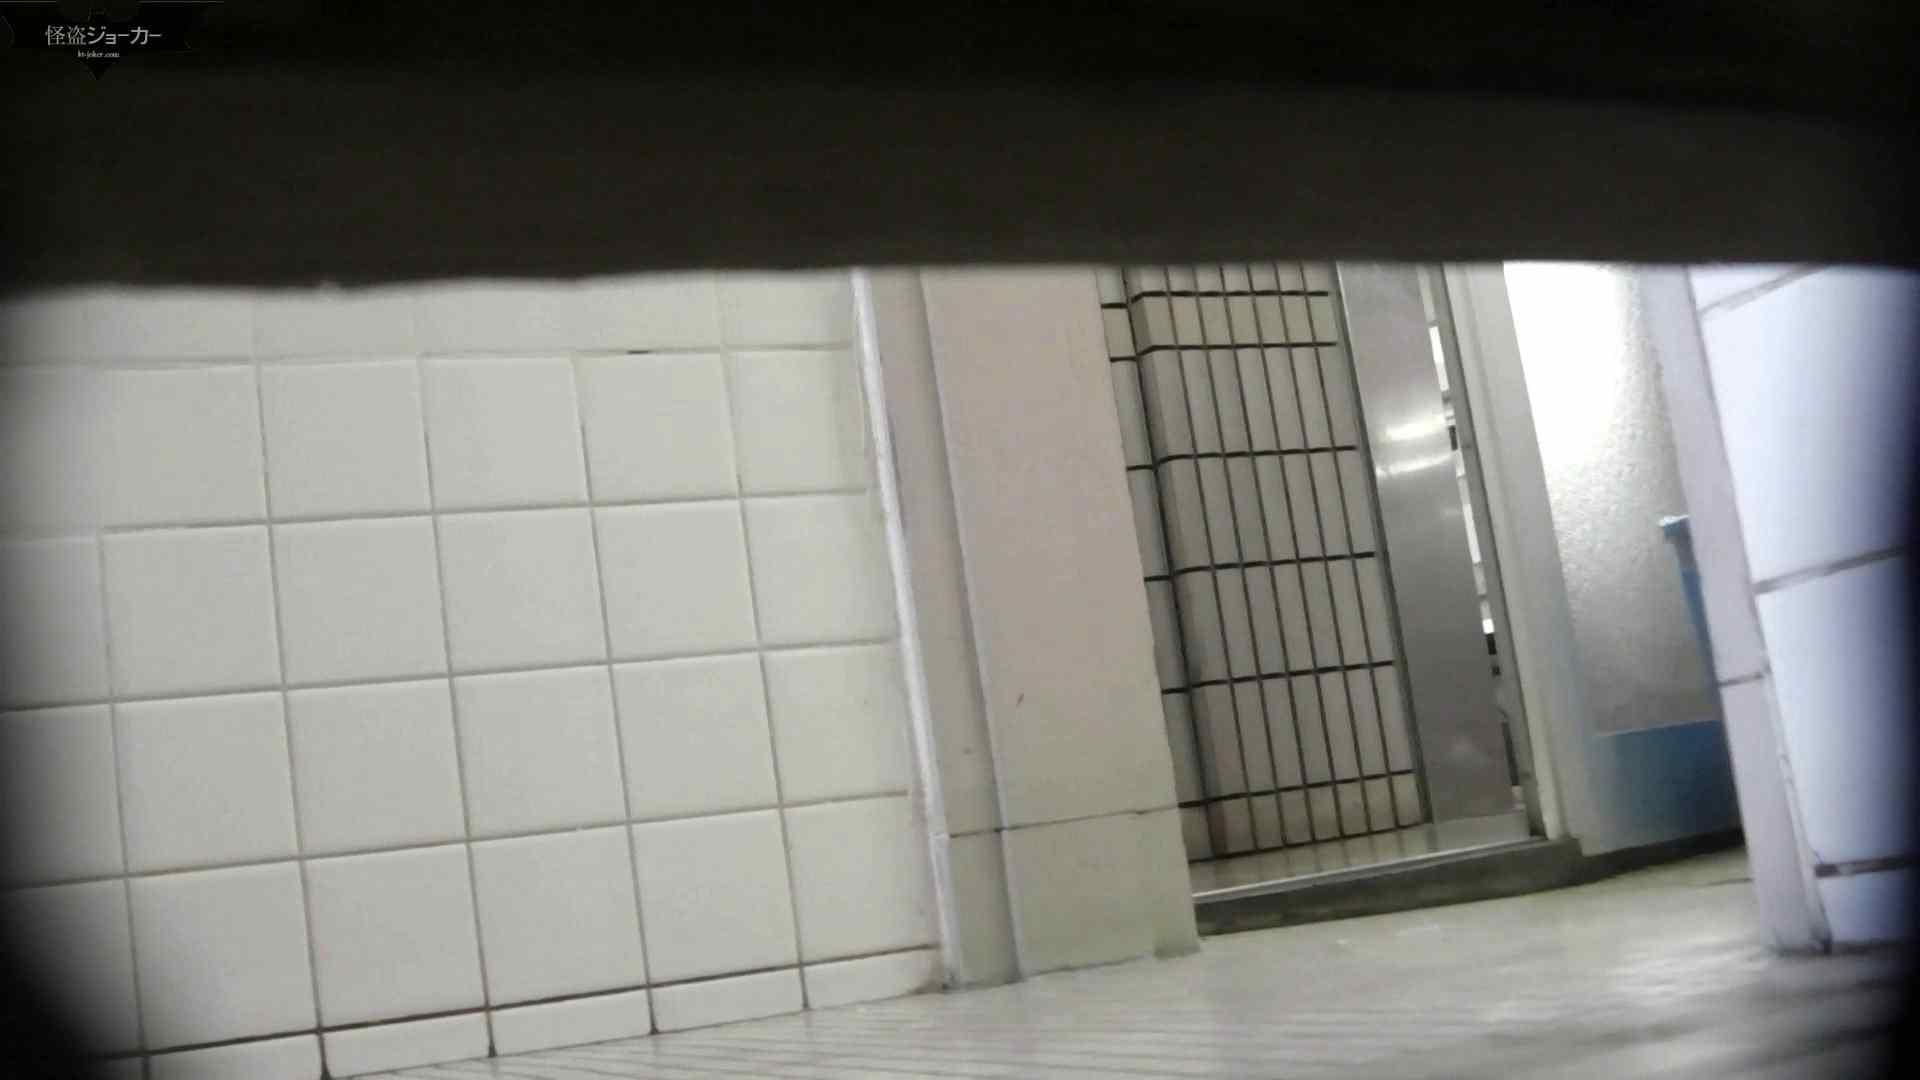 【美しき個室な世界】洗面所特攻隊 vol.051 洗面所着替え   OL  61連発 61